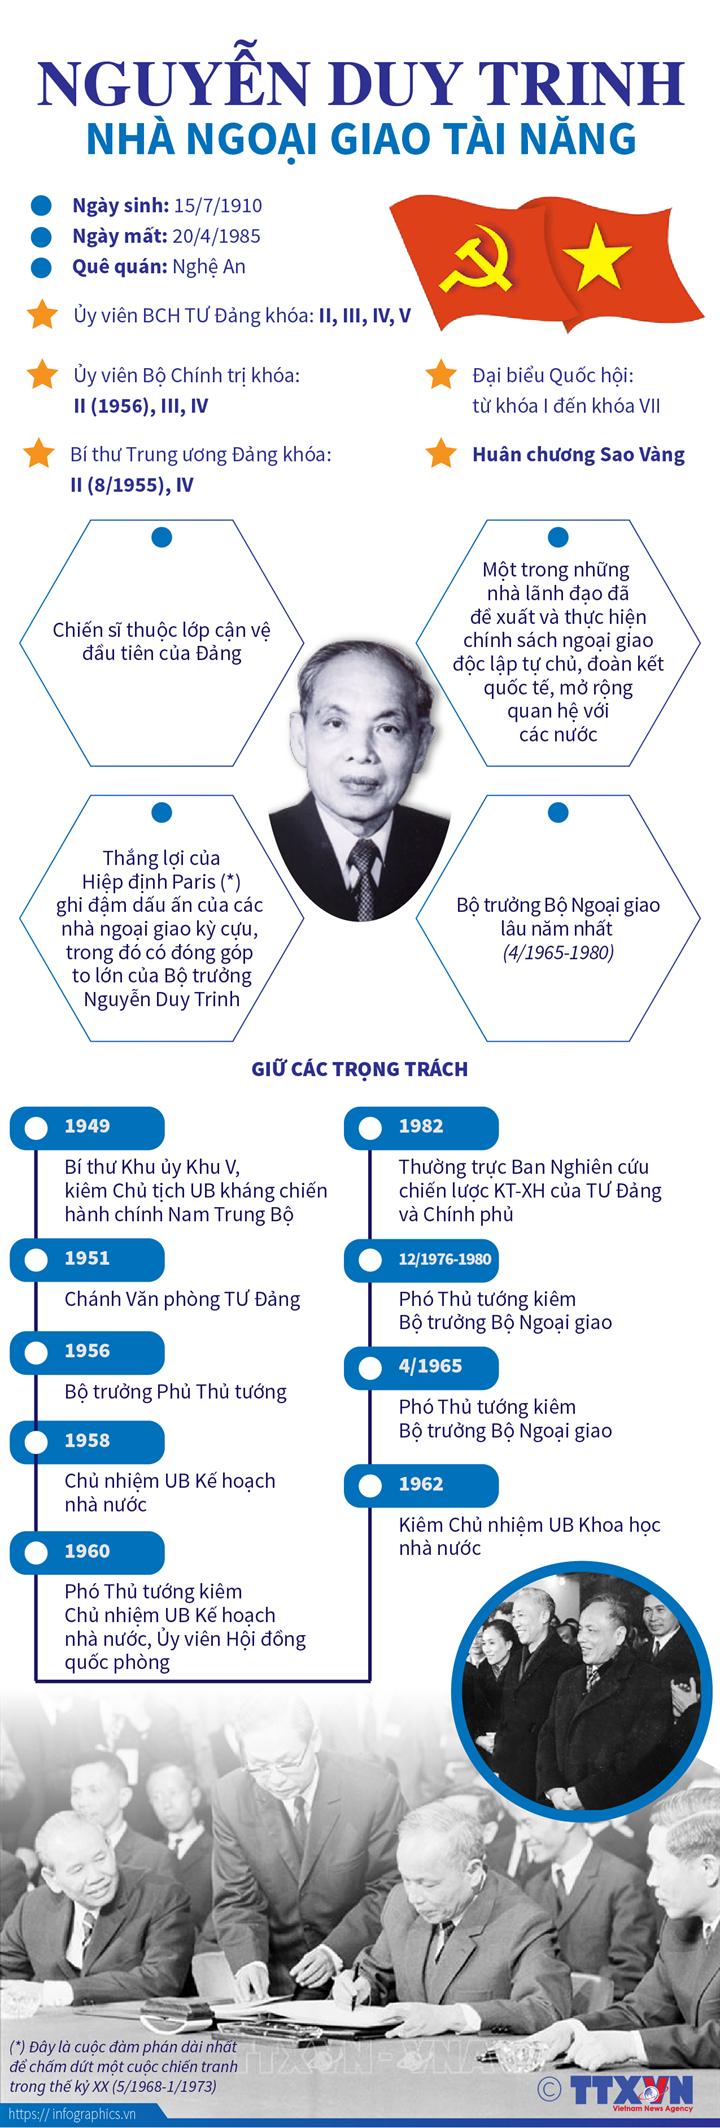 Nguyễn Duy Trinh: Nhà ngoại giao tài năng